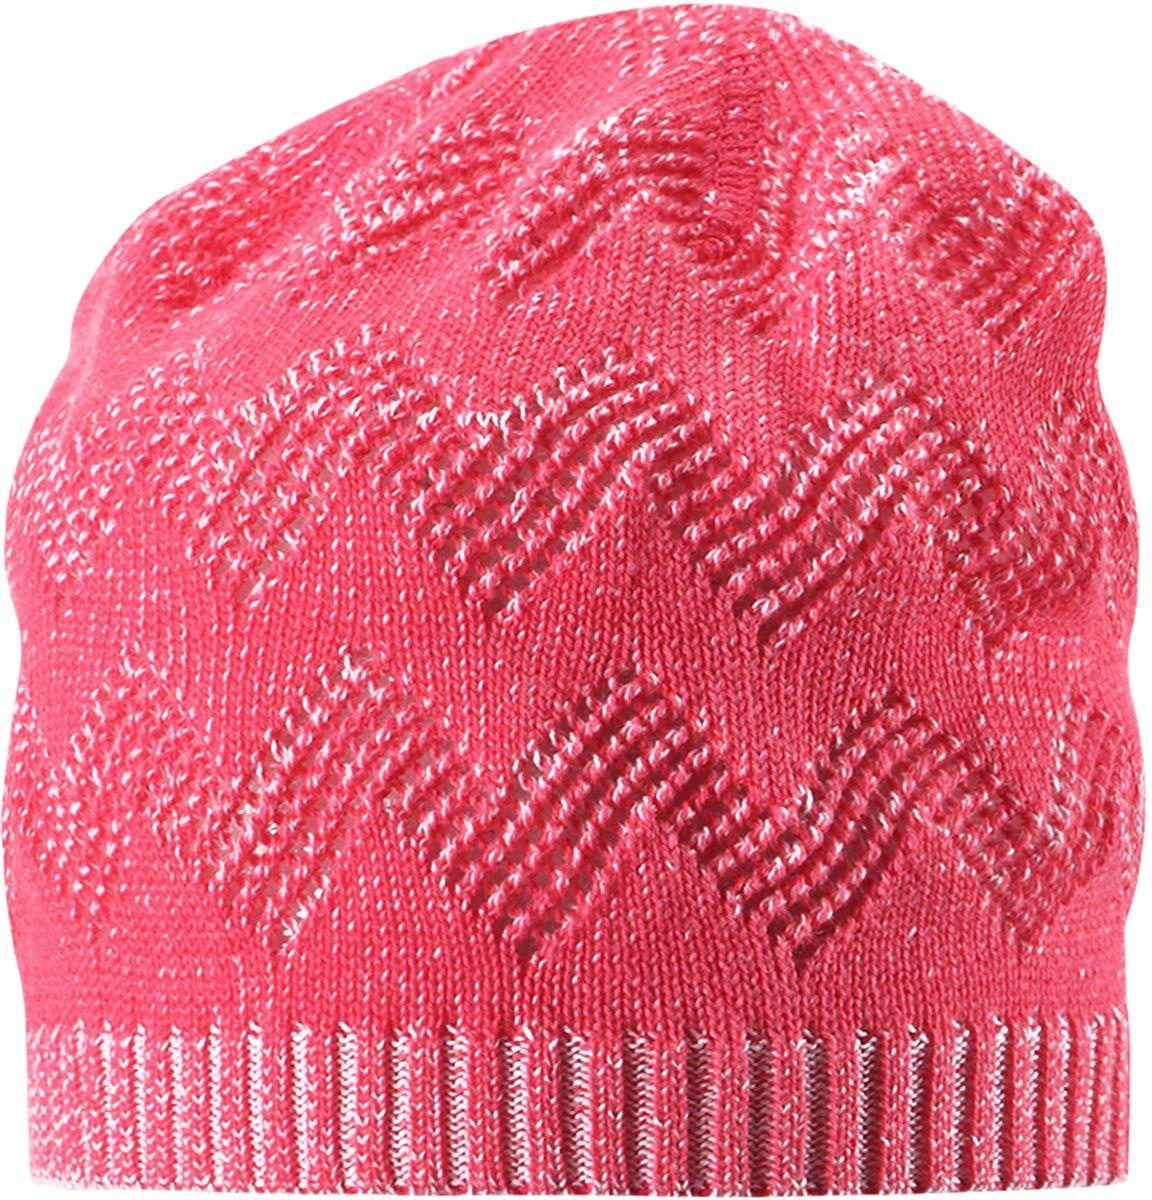 Шапка детская5285280100Детская шапка станет превосходным выбором в межсезонье, в ней можно и поиграть во дворе, и прогуляться по городу. Изготовлена из мягкого и комфортного вязаного хлопка. Эта симпатичная облегченная модель без подкладки идеально подходит для солнечной погоды.